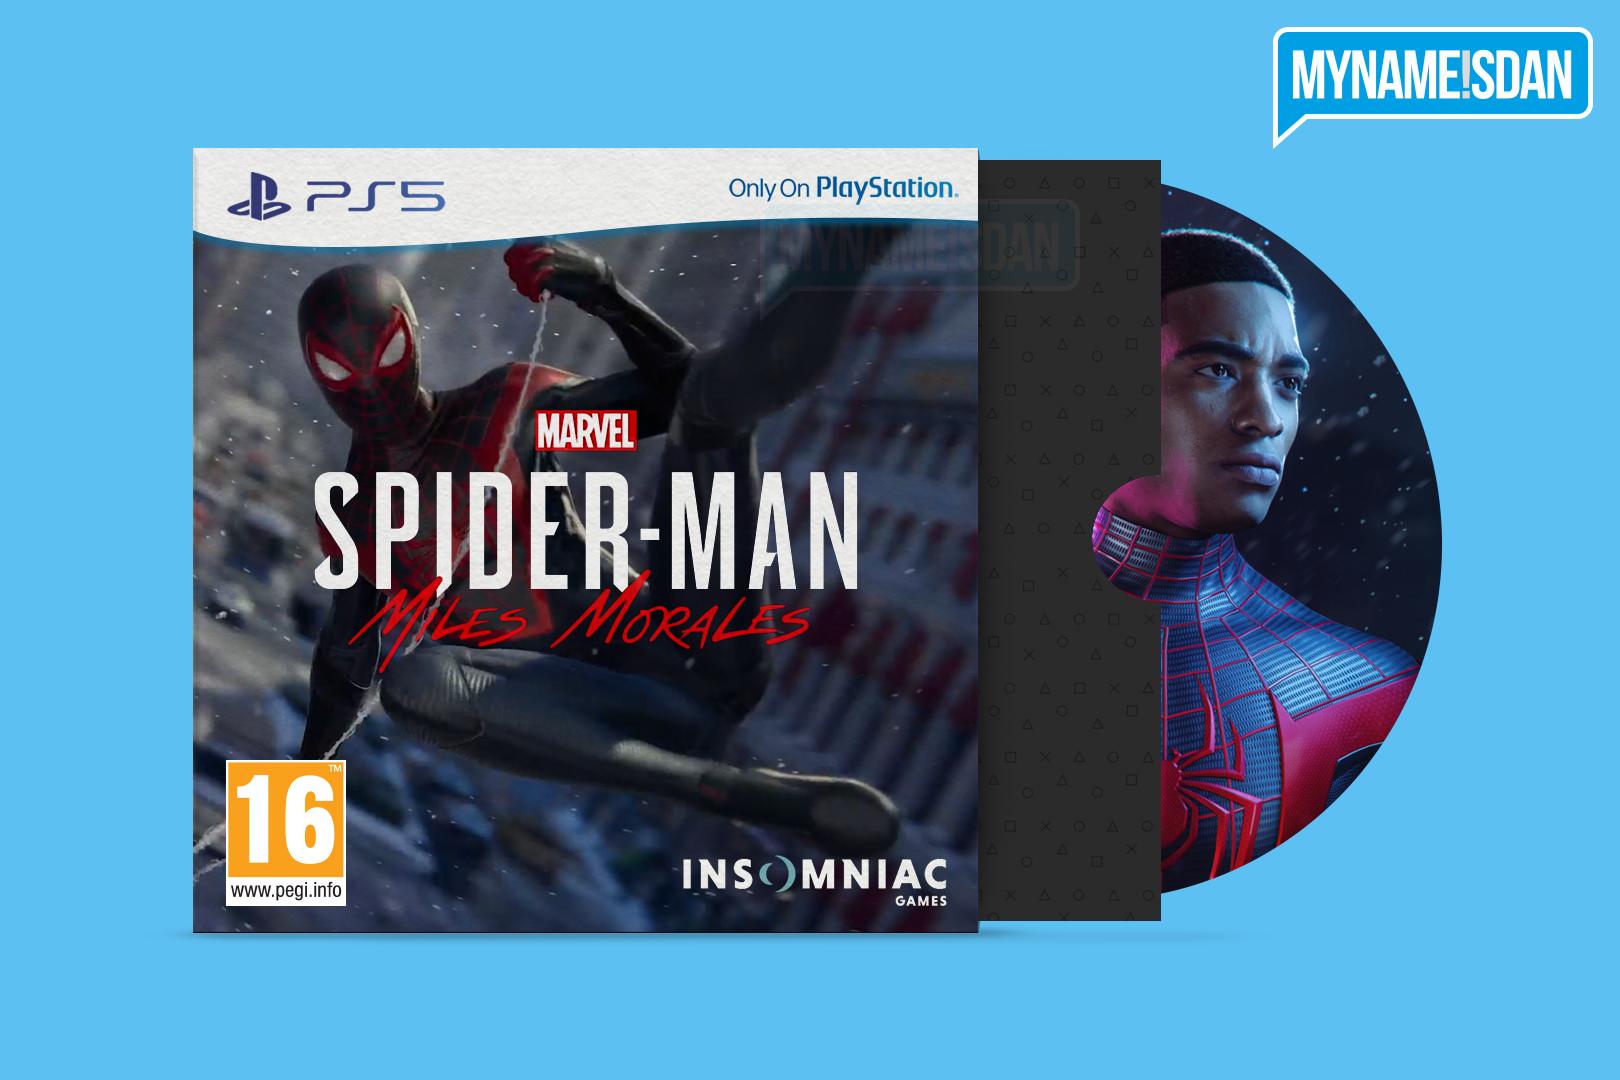 PS5 Cardboard Game Case Concept Design for Spider-Man Miles Morales